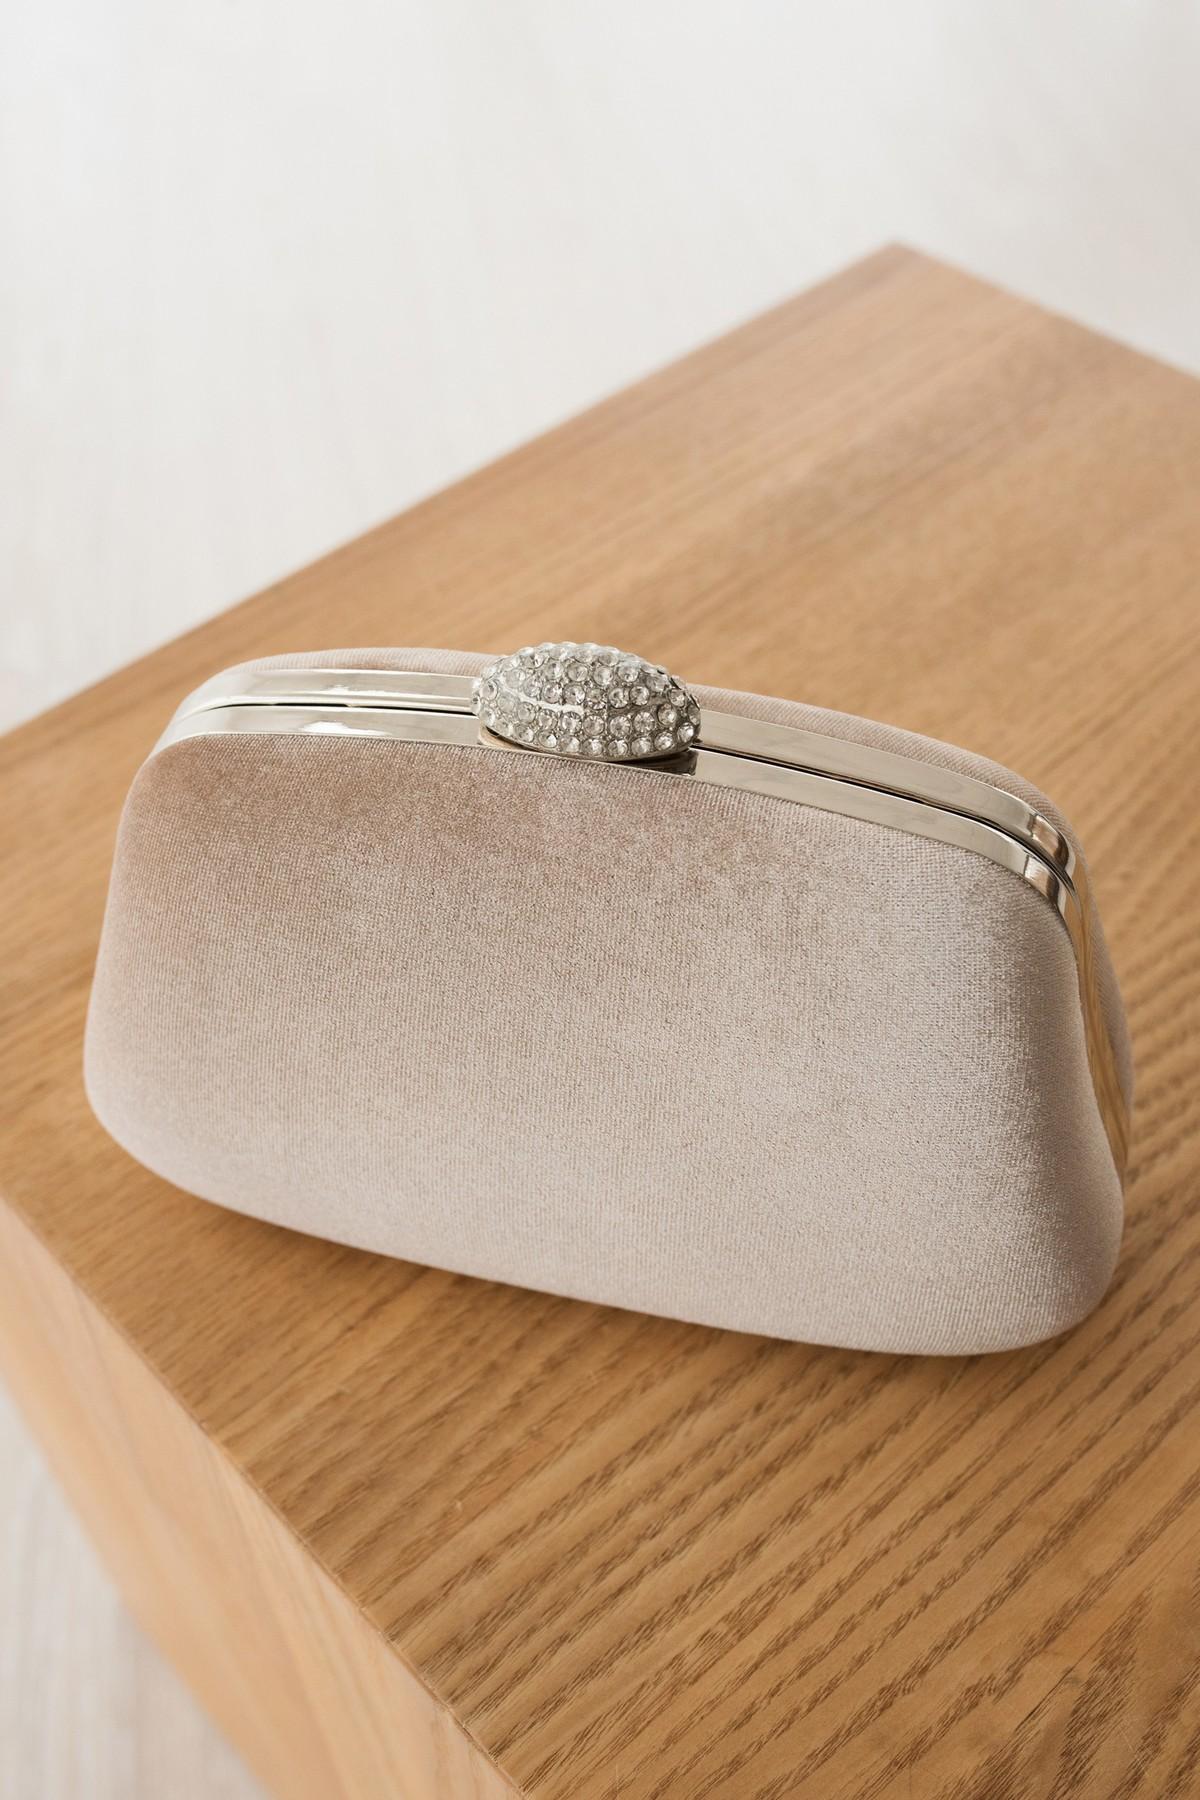 d914539ad599 Клатч на цепочке | Купить клатч за 900 грн. в интернет-магазине RicaMare